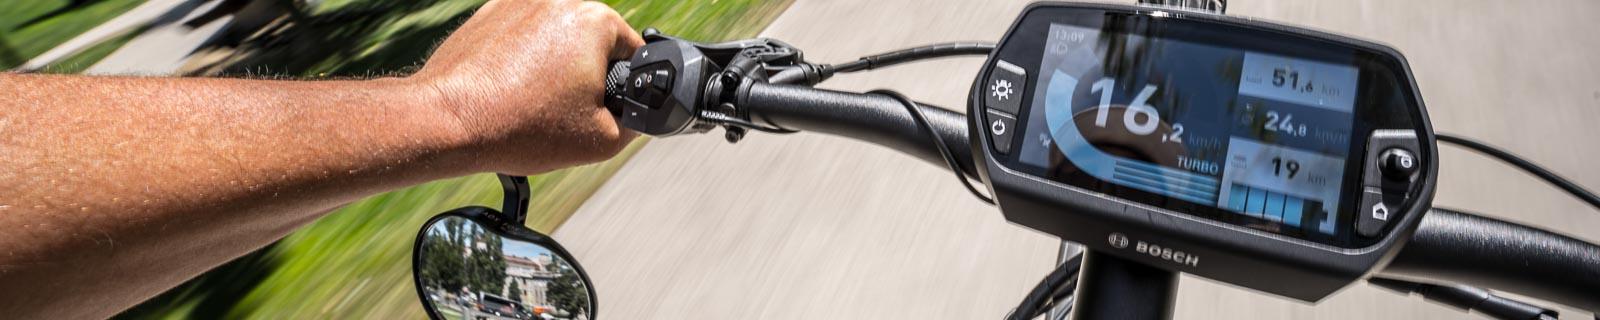 VTC électriques & Vélos fitness électriques